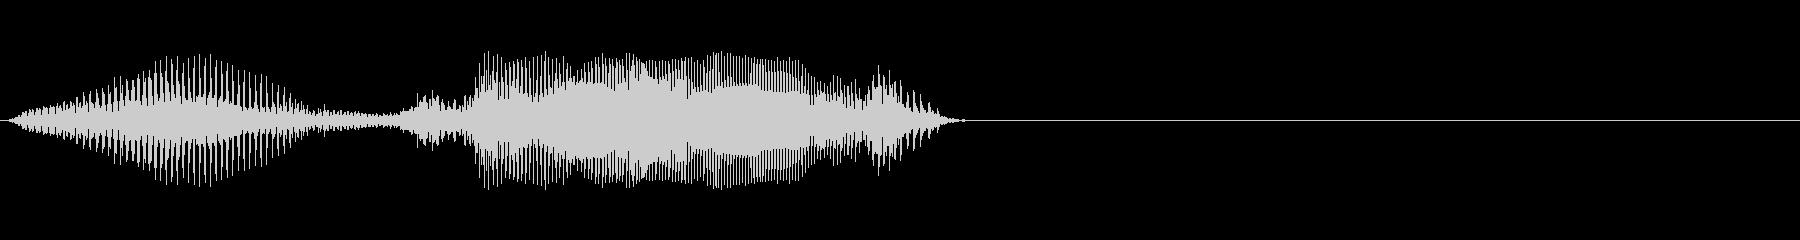 20の未再生の波形